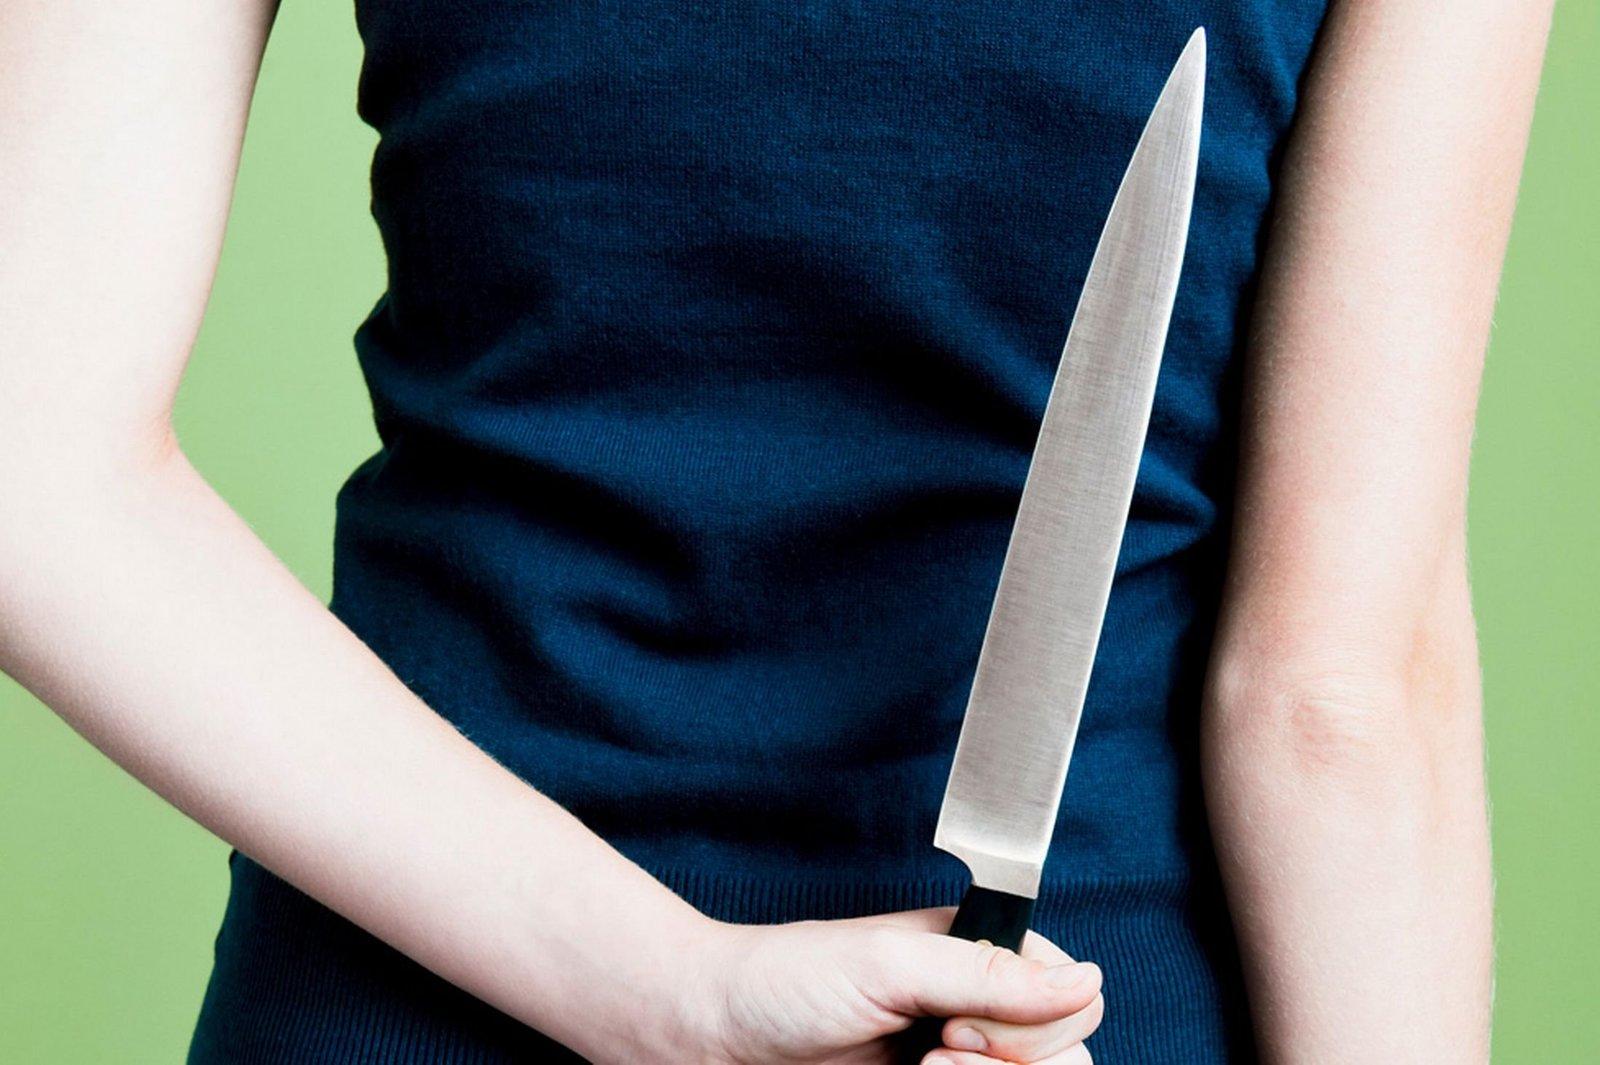 Жительница Крыма ответит за умышленное нанесение телесных повреждений своему соседу